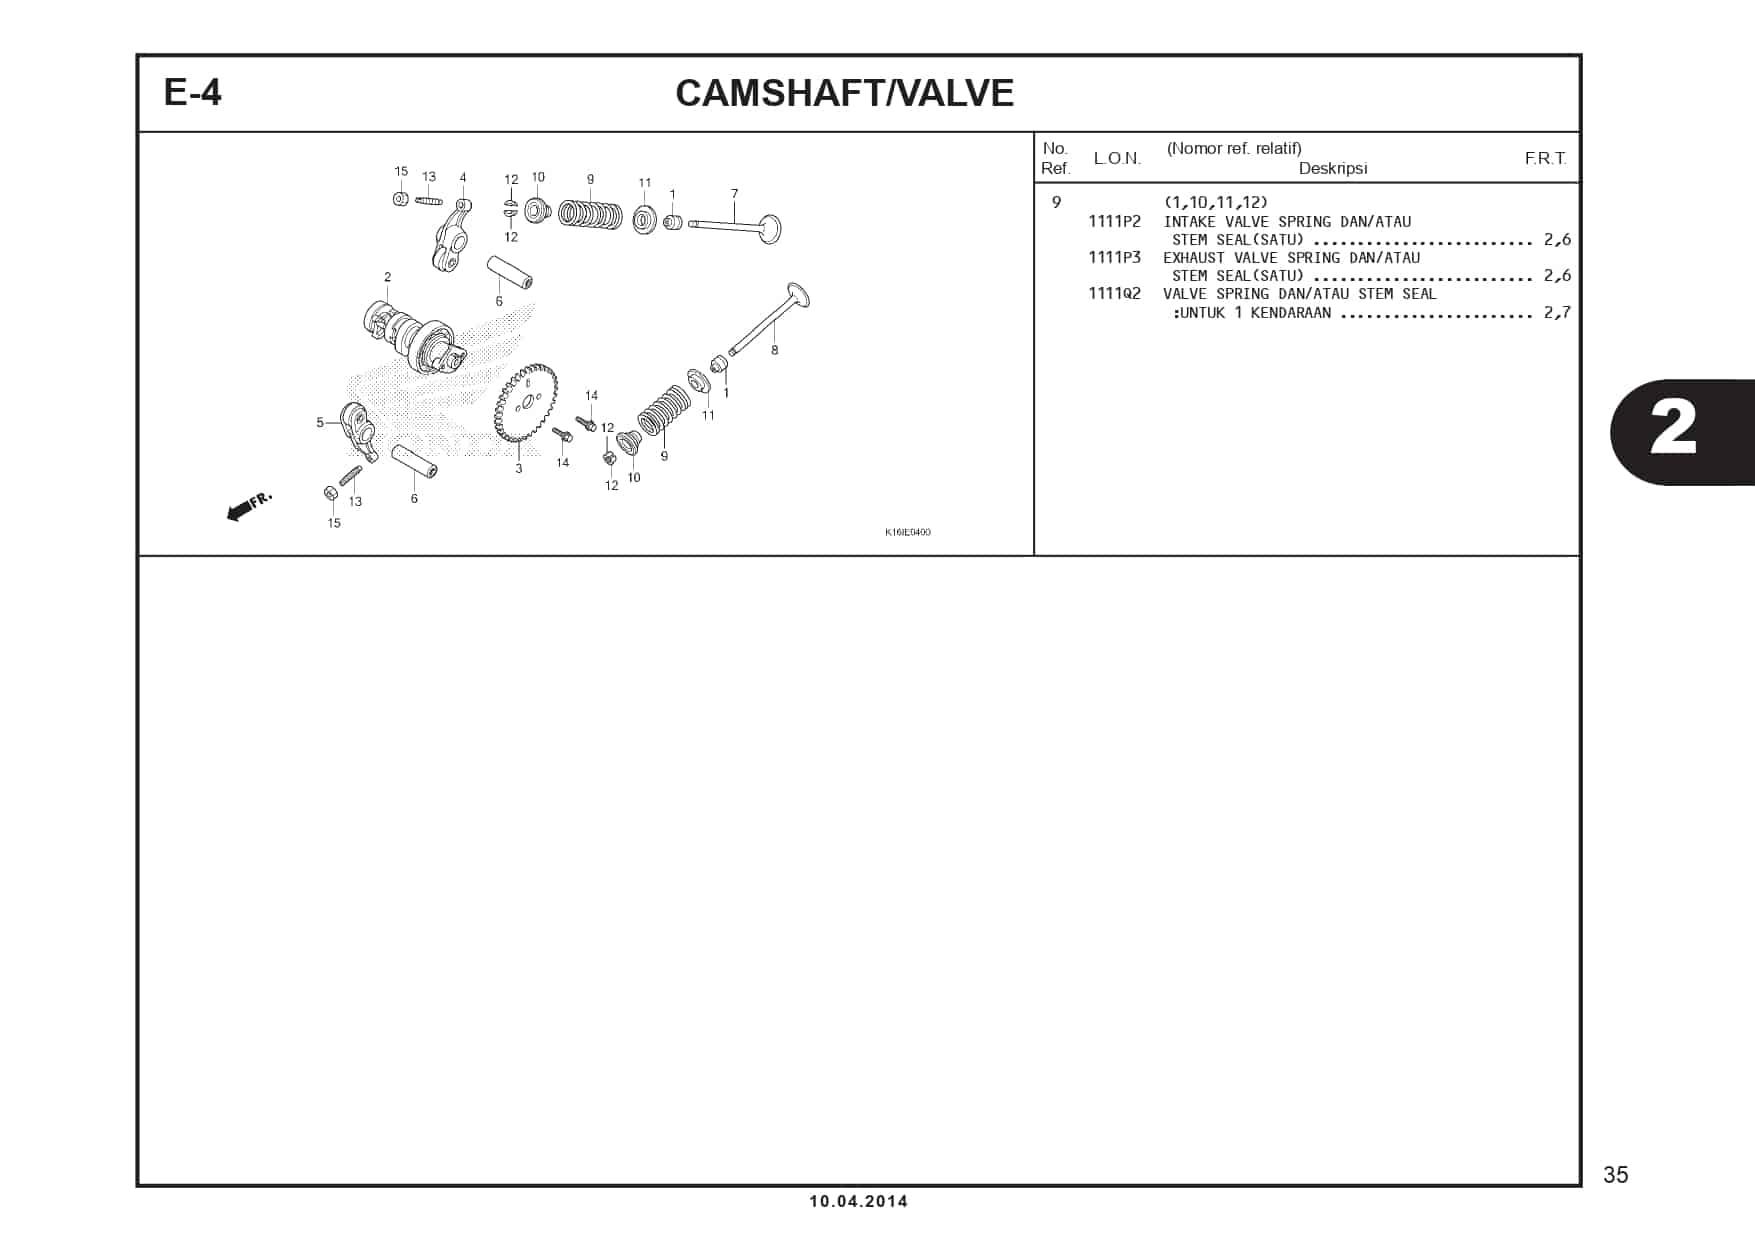 E-4 CamShaft/ Valve